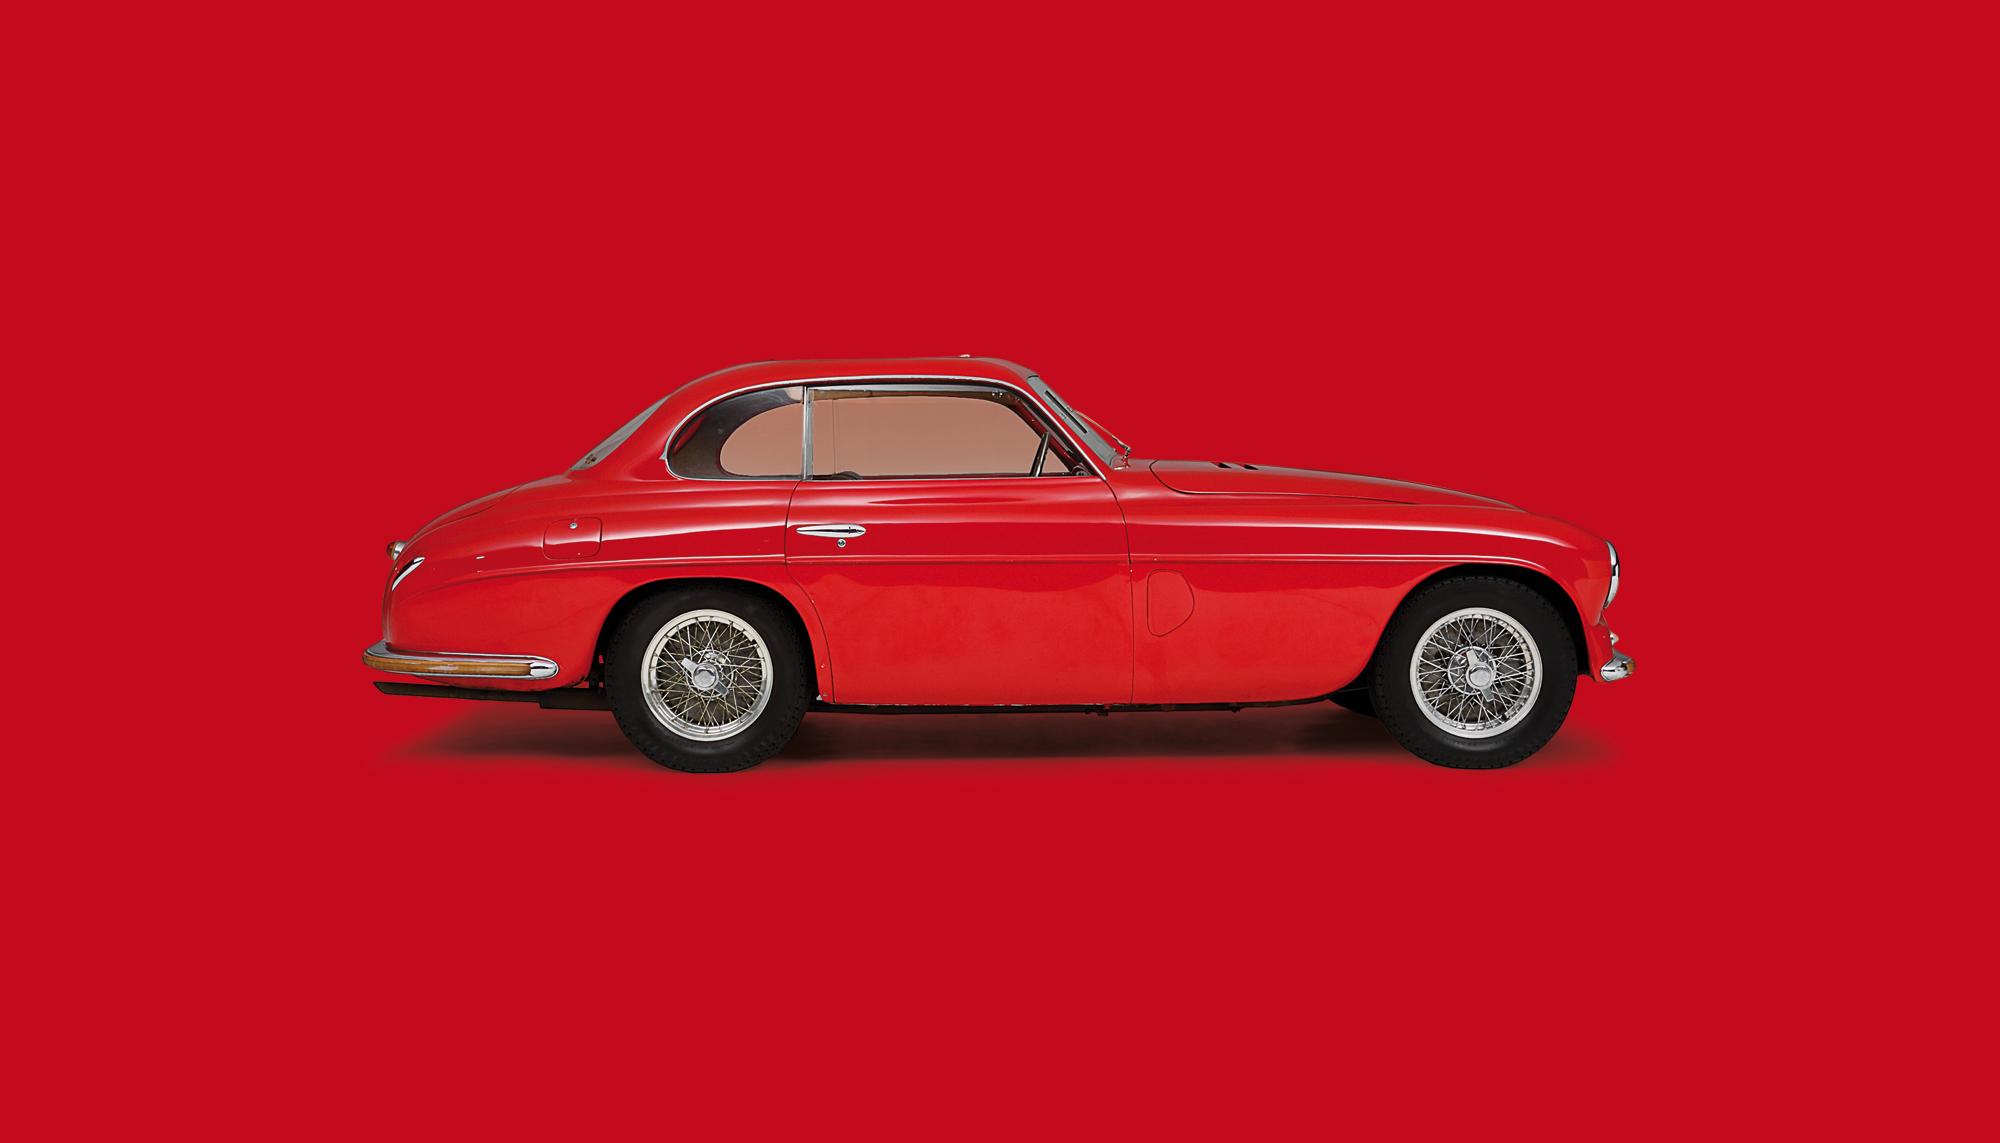 Bekijk Ferrari 166 Inter Coupé Touring in het Louwman Museum